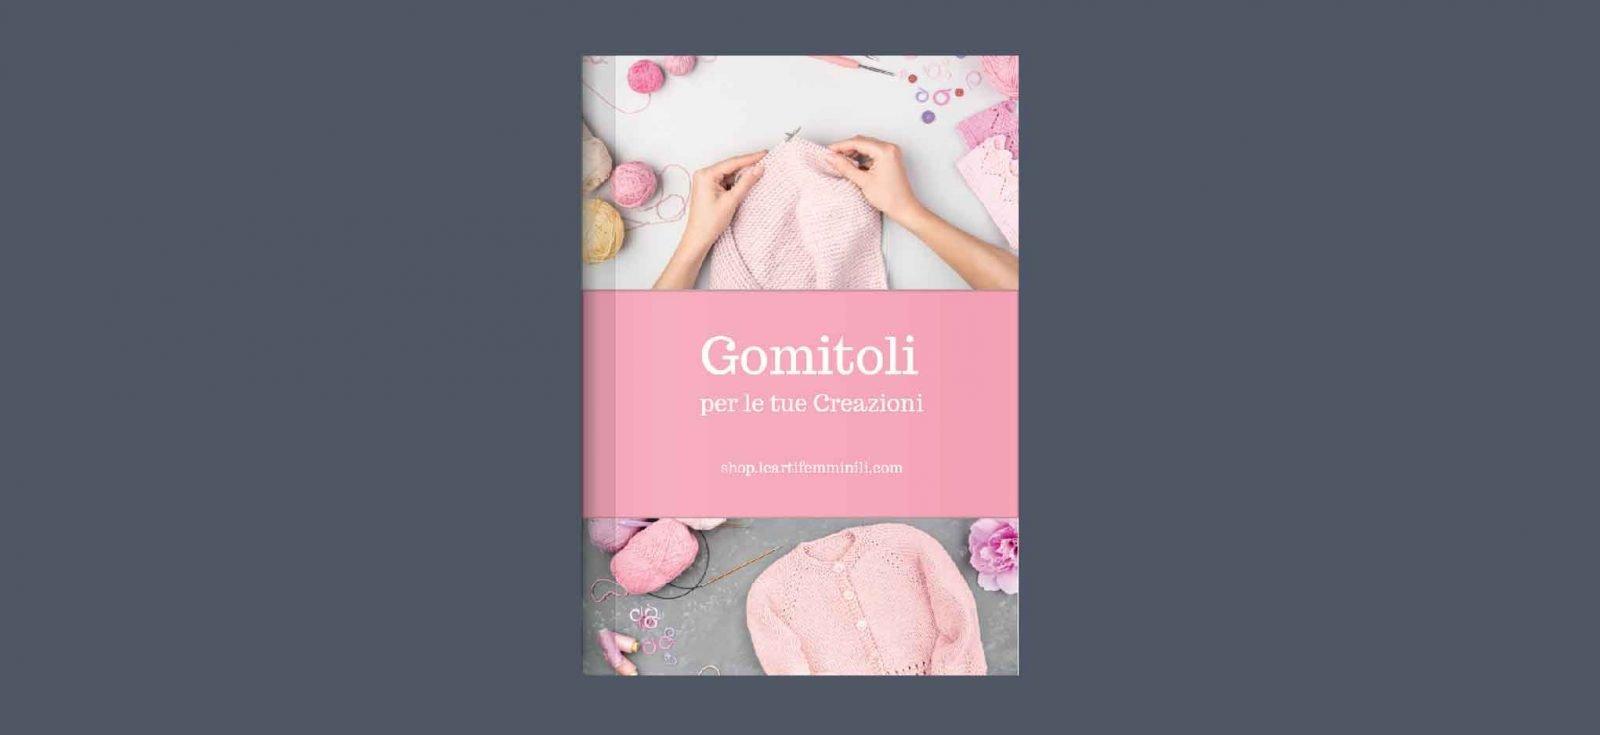 Gomitoli Online